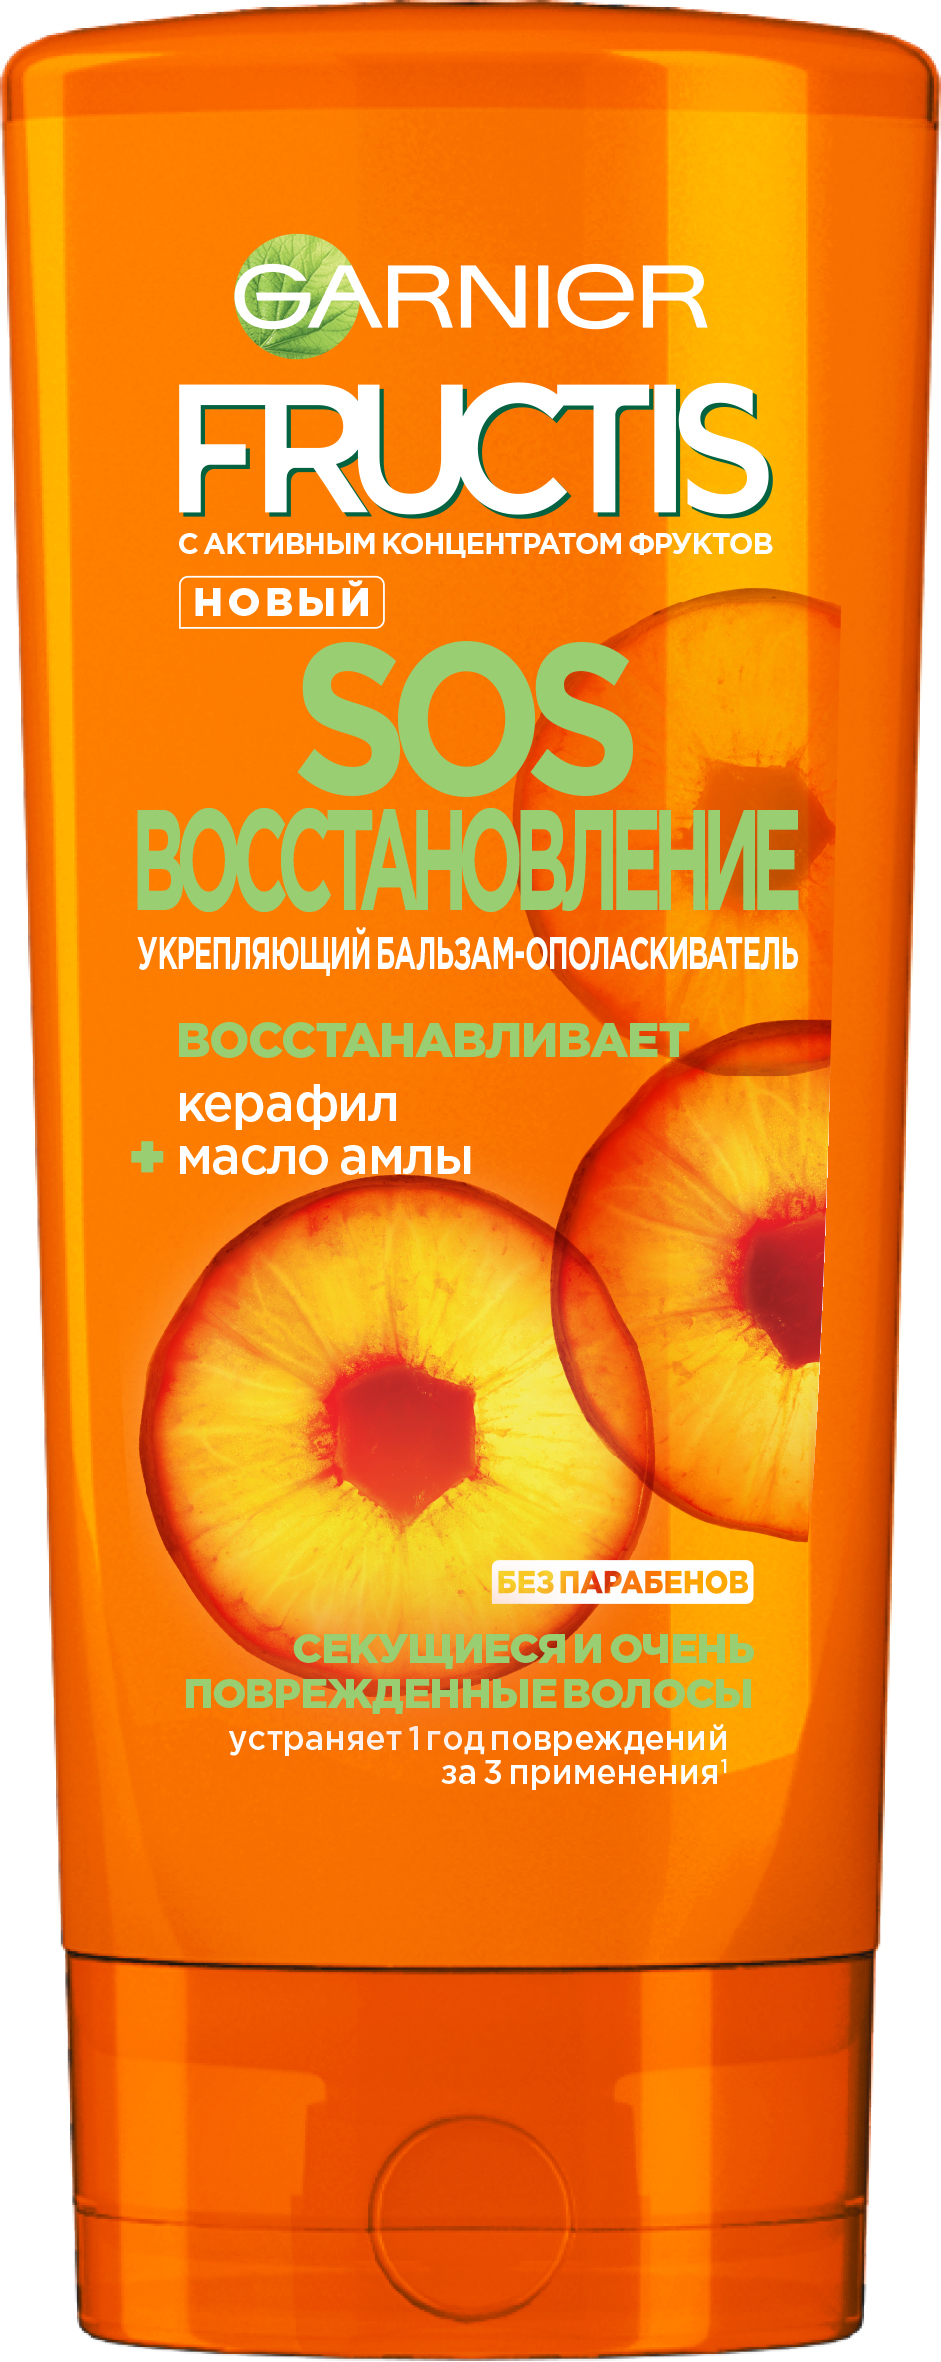 Бальзам для волос Garnier Fructis SOS восстановление 200 мл